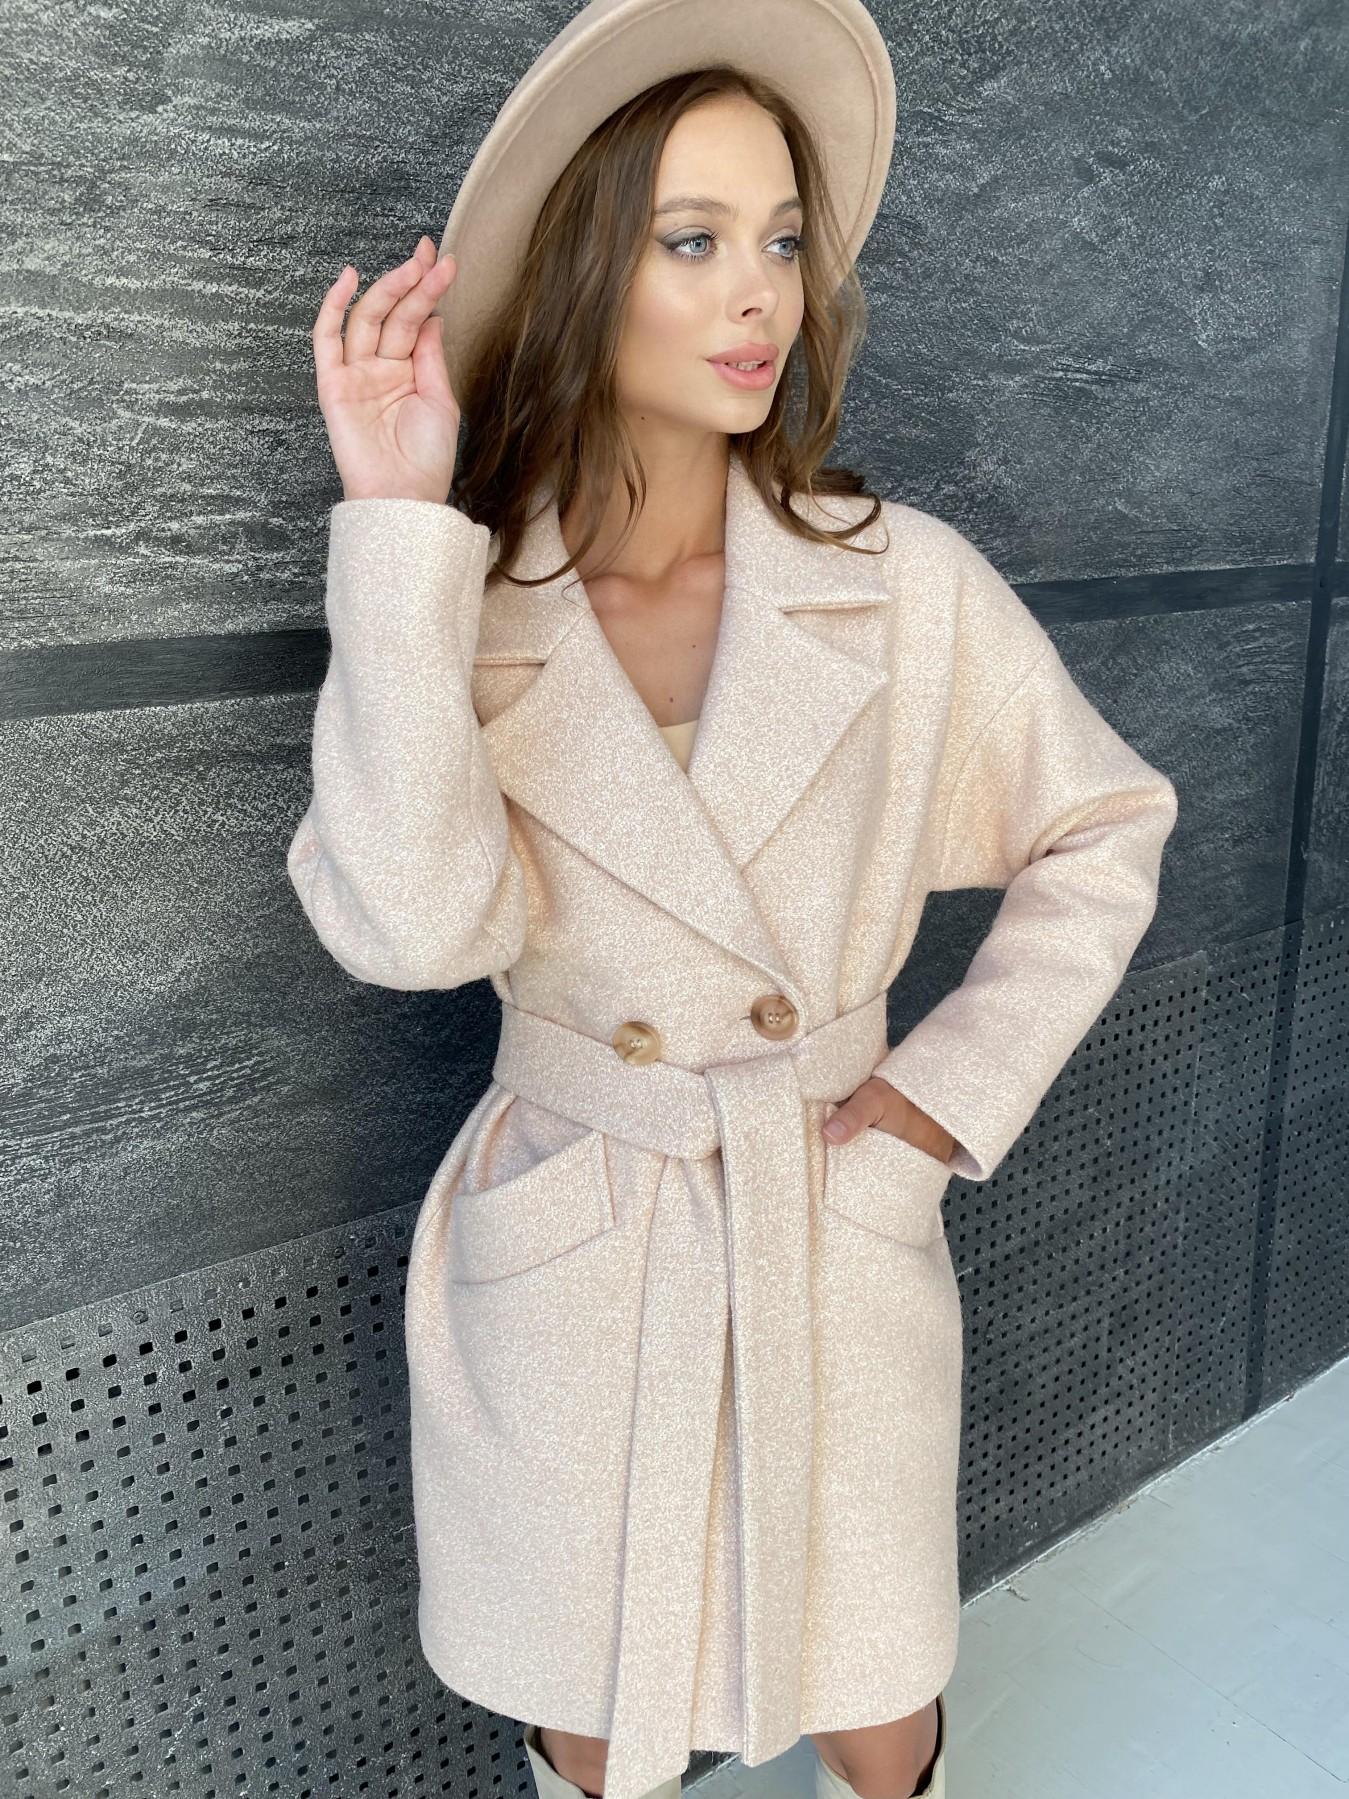 Сенсей пальто  шерсть букле мелкое пальтовая ткань 11647 АРТ. 48355 Цвет: Бежевый 30 - фото 4, интернет магазин tm-modus.ru